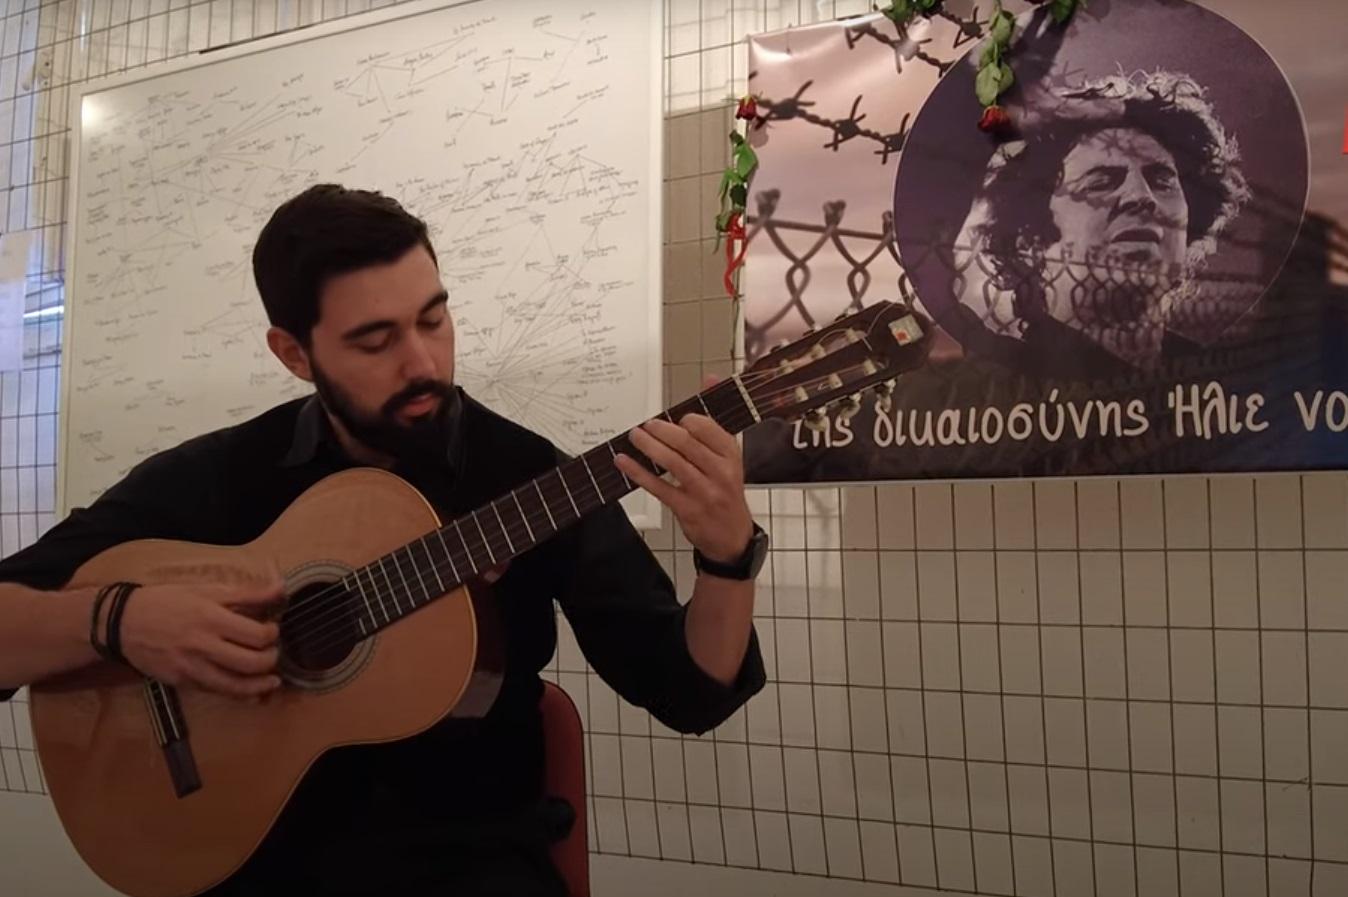 Μίκης Θεοδωράκης: Αποχαιρετιστήριο κονσέρτο από το κελί του στον Ωρωπό